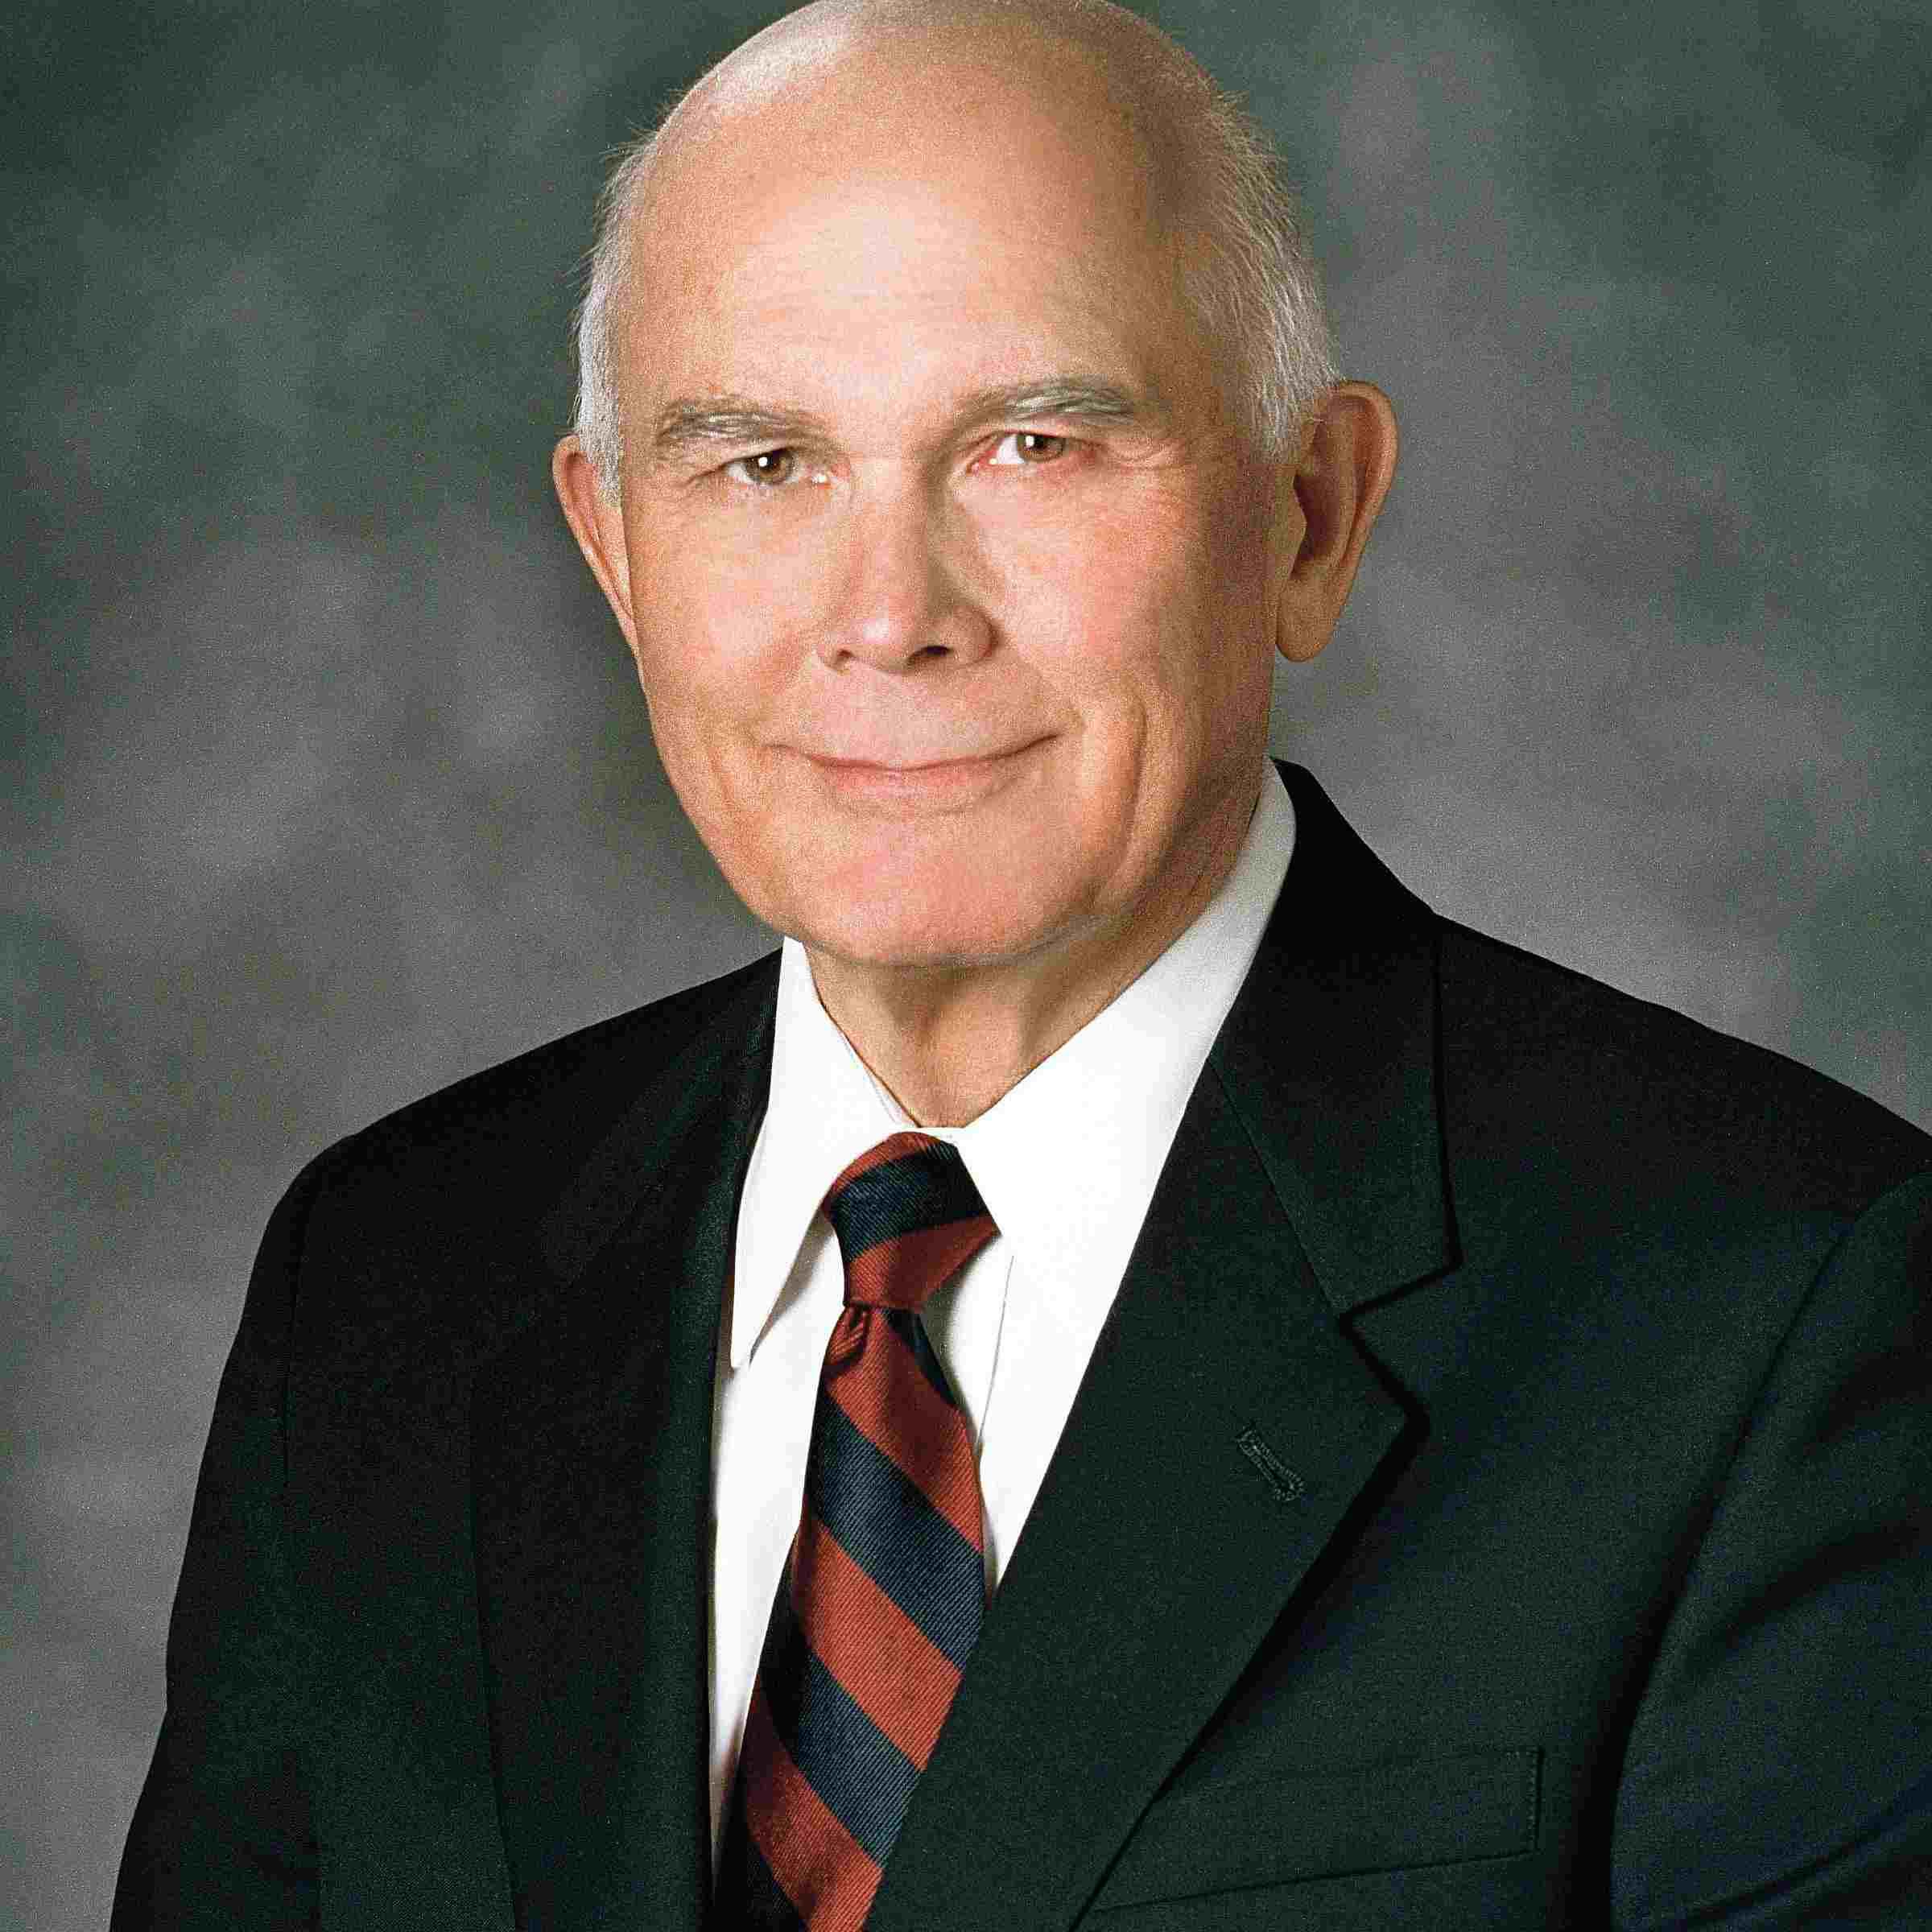 Elder Dallin H. Oaks, Quorum of the Twelve Apostles.